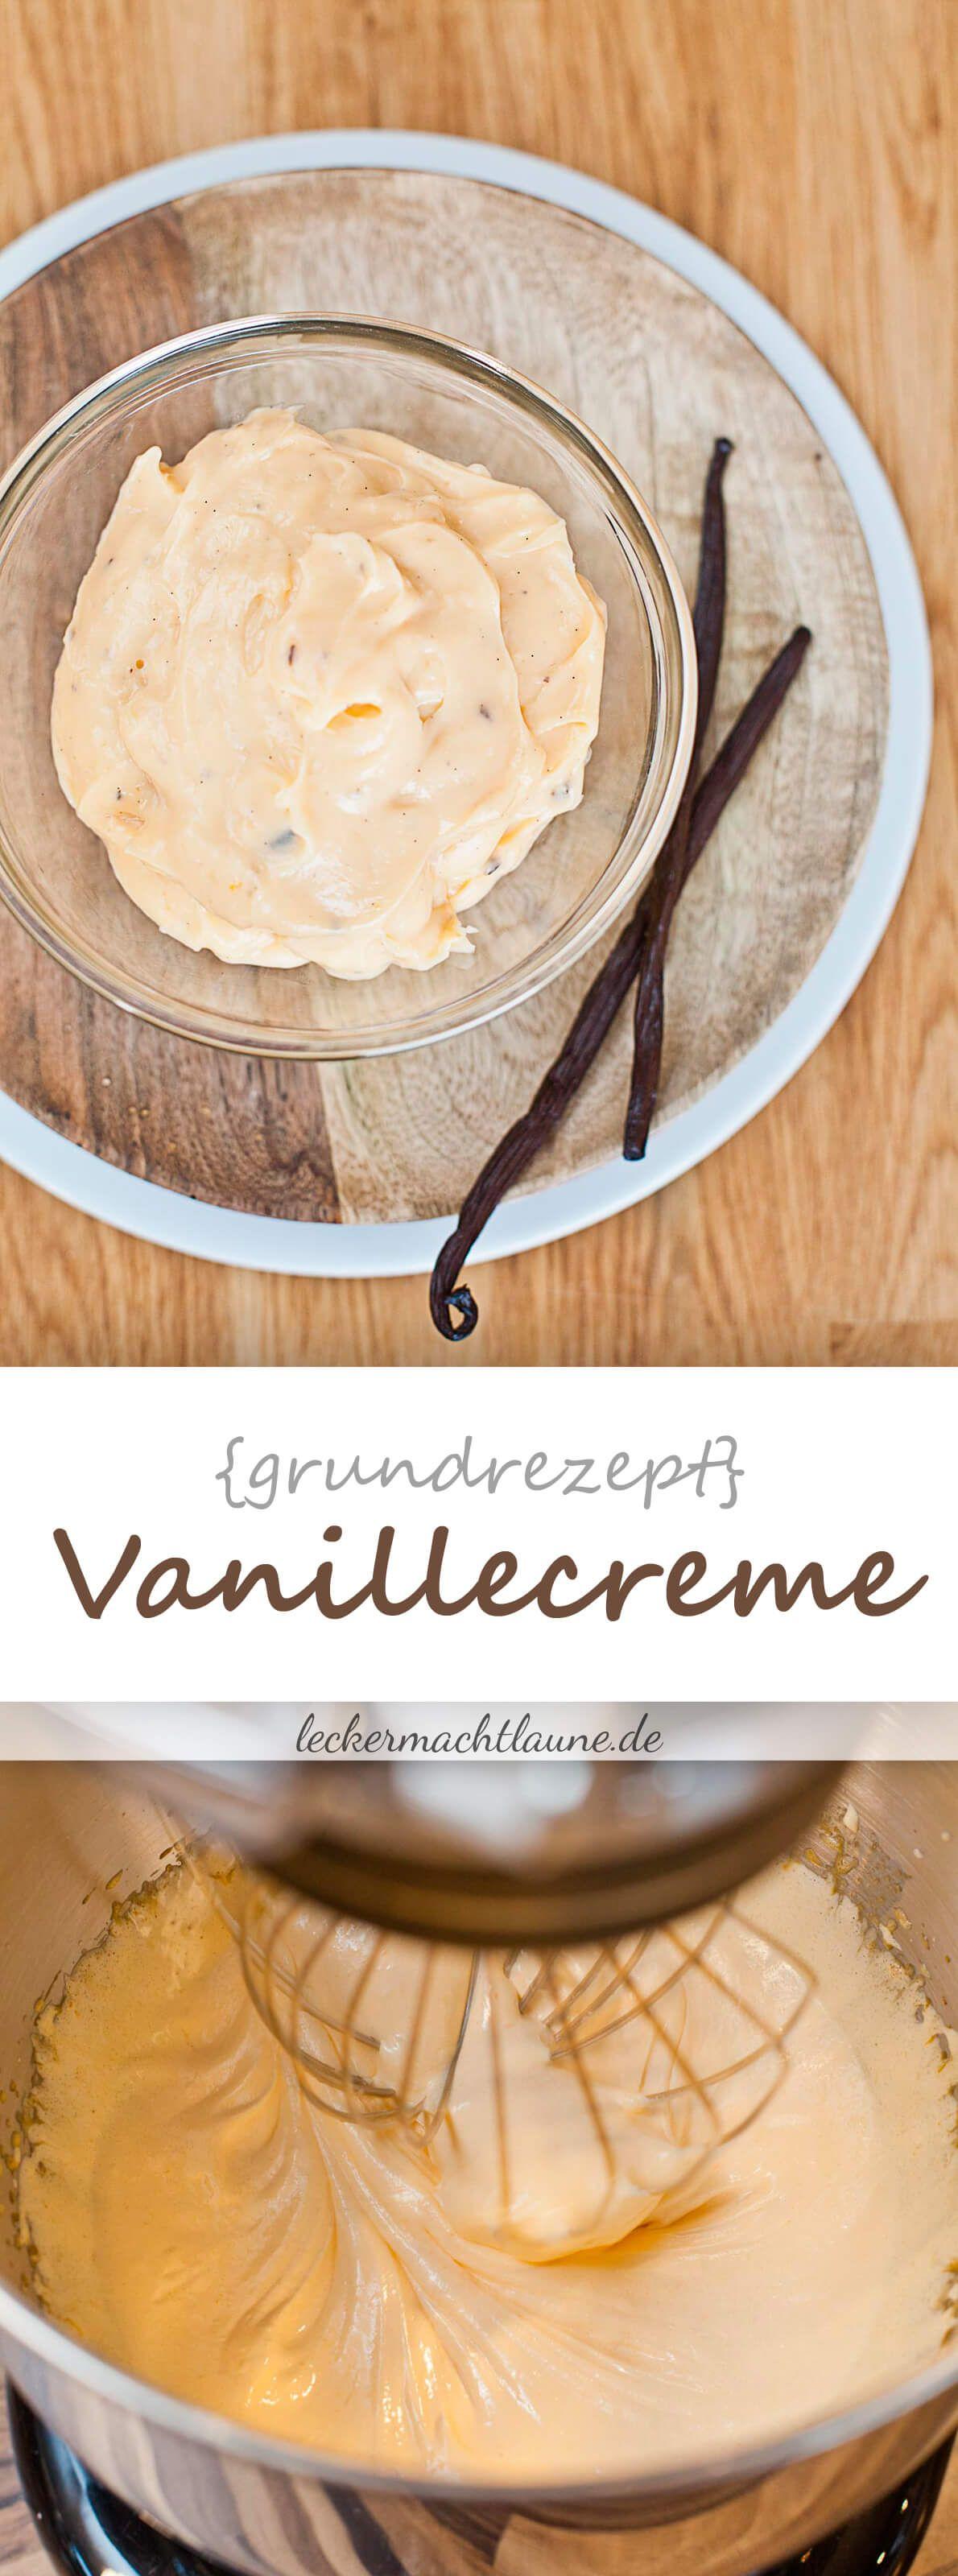 Tortencreme buttermilch